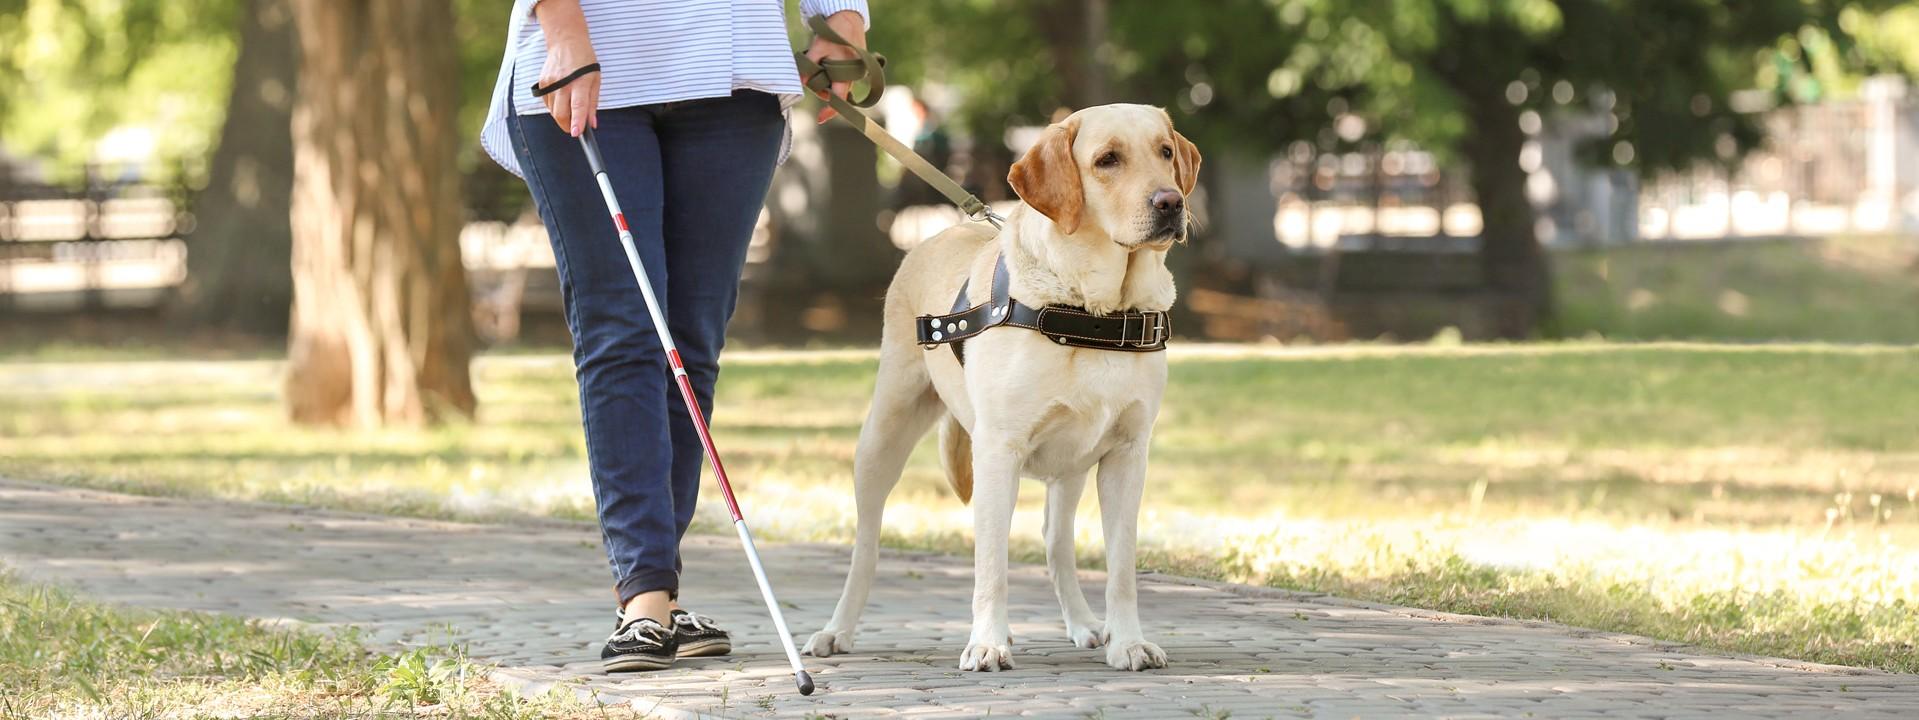 Eine sehbehinderte Frau läuft in einem Park mit einem Blindenstock und wird von einem Blindenführhund geführt.